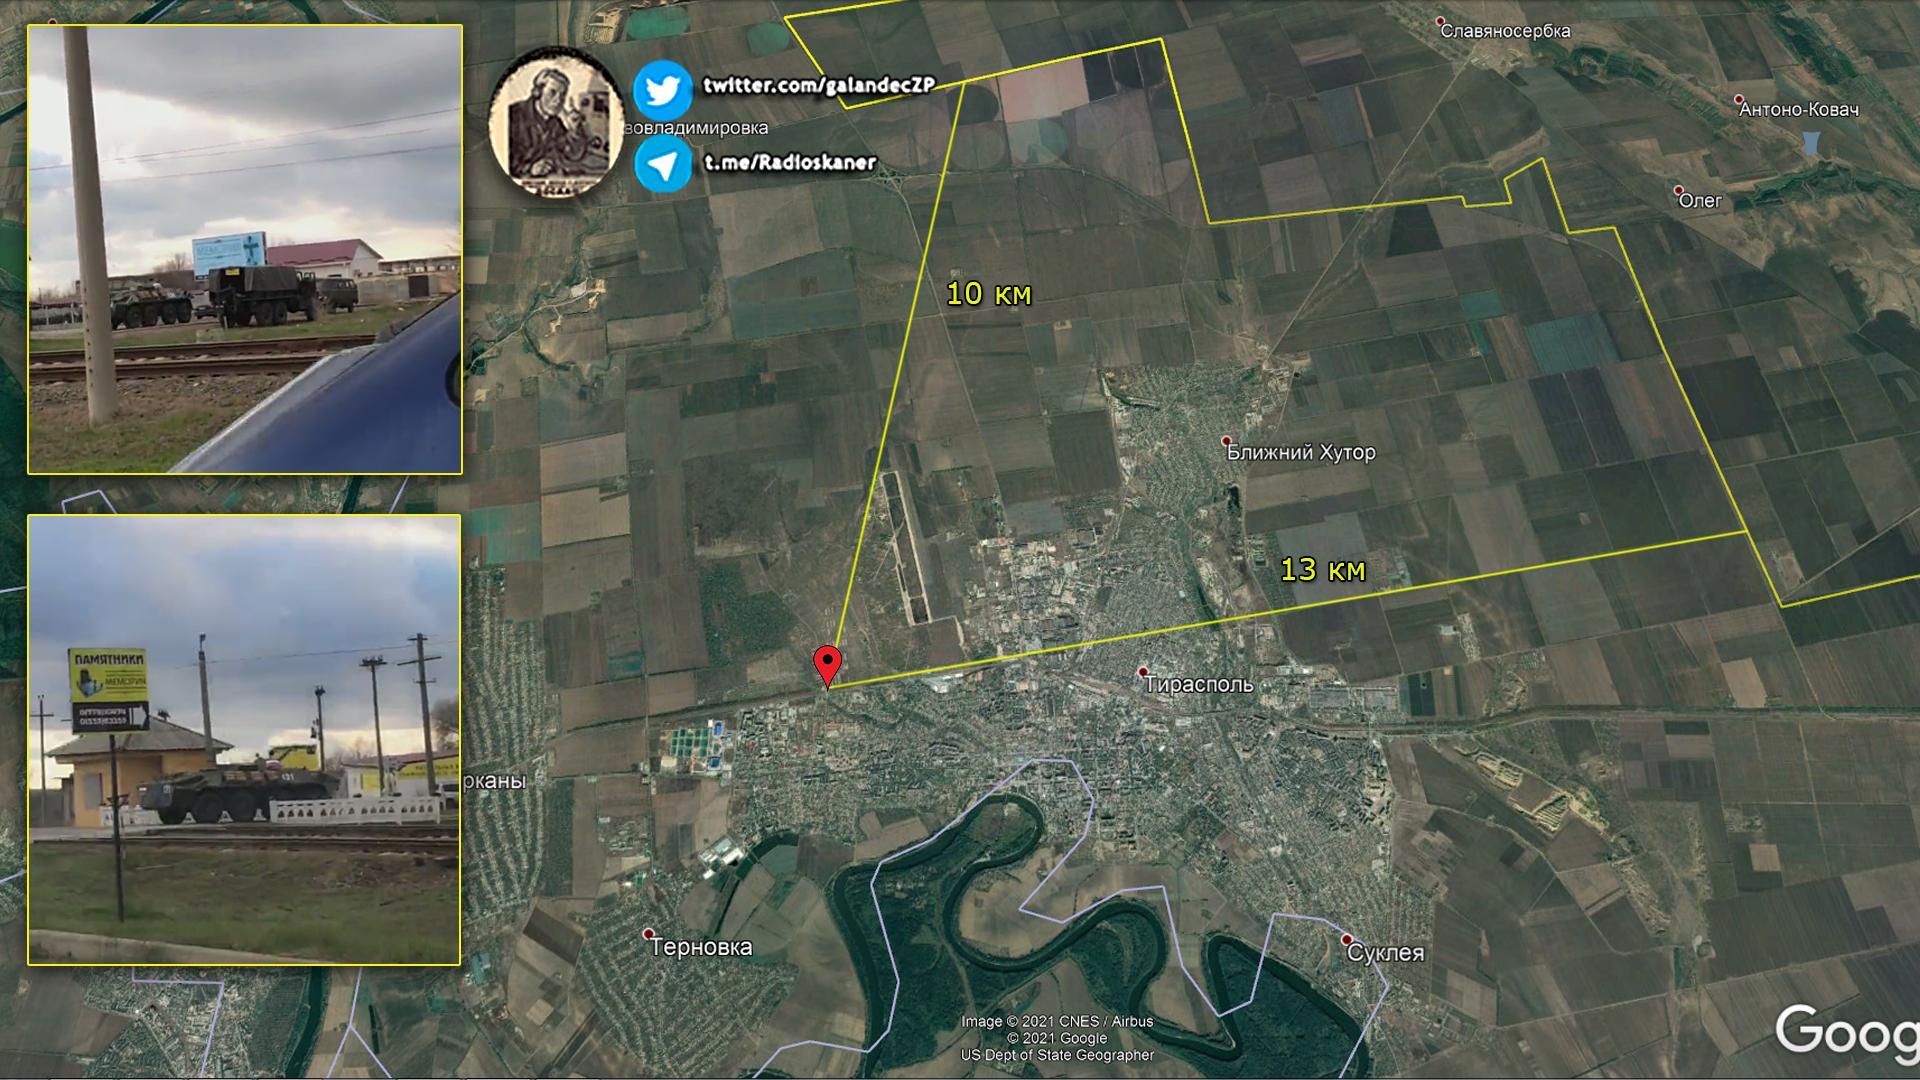 Войско РФ на границе Украины с Приднестровьем - Кремль готовит провокацию 1